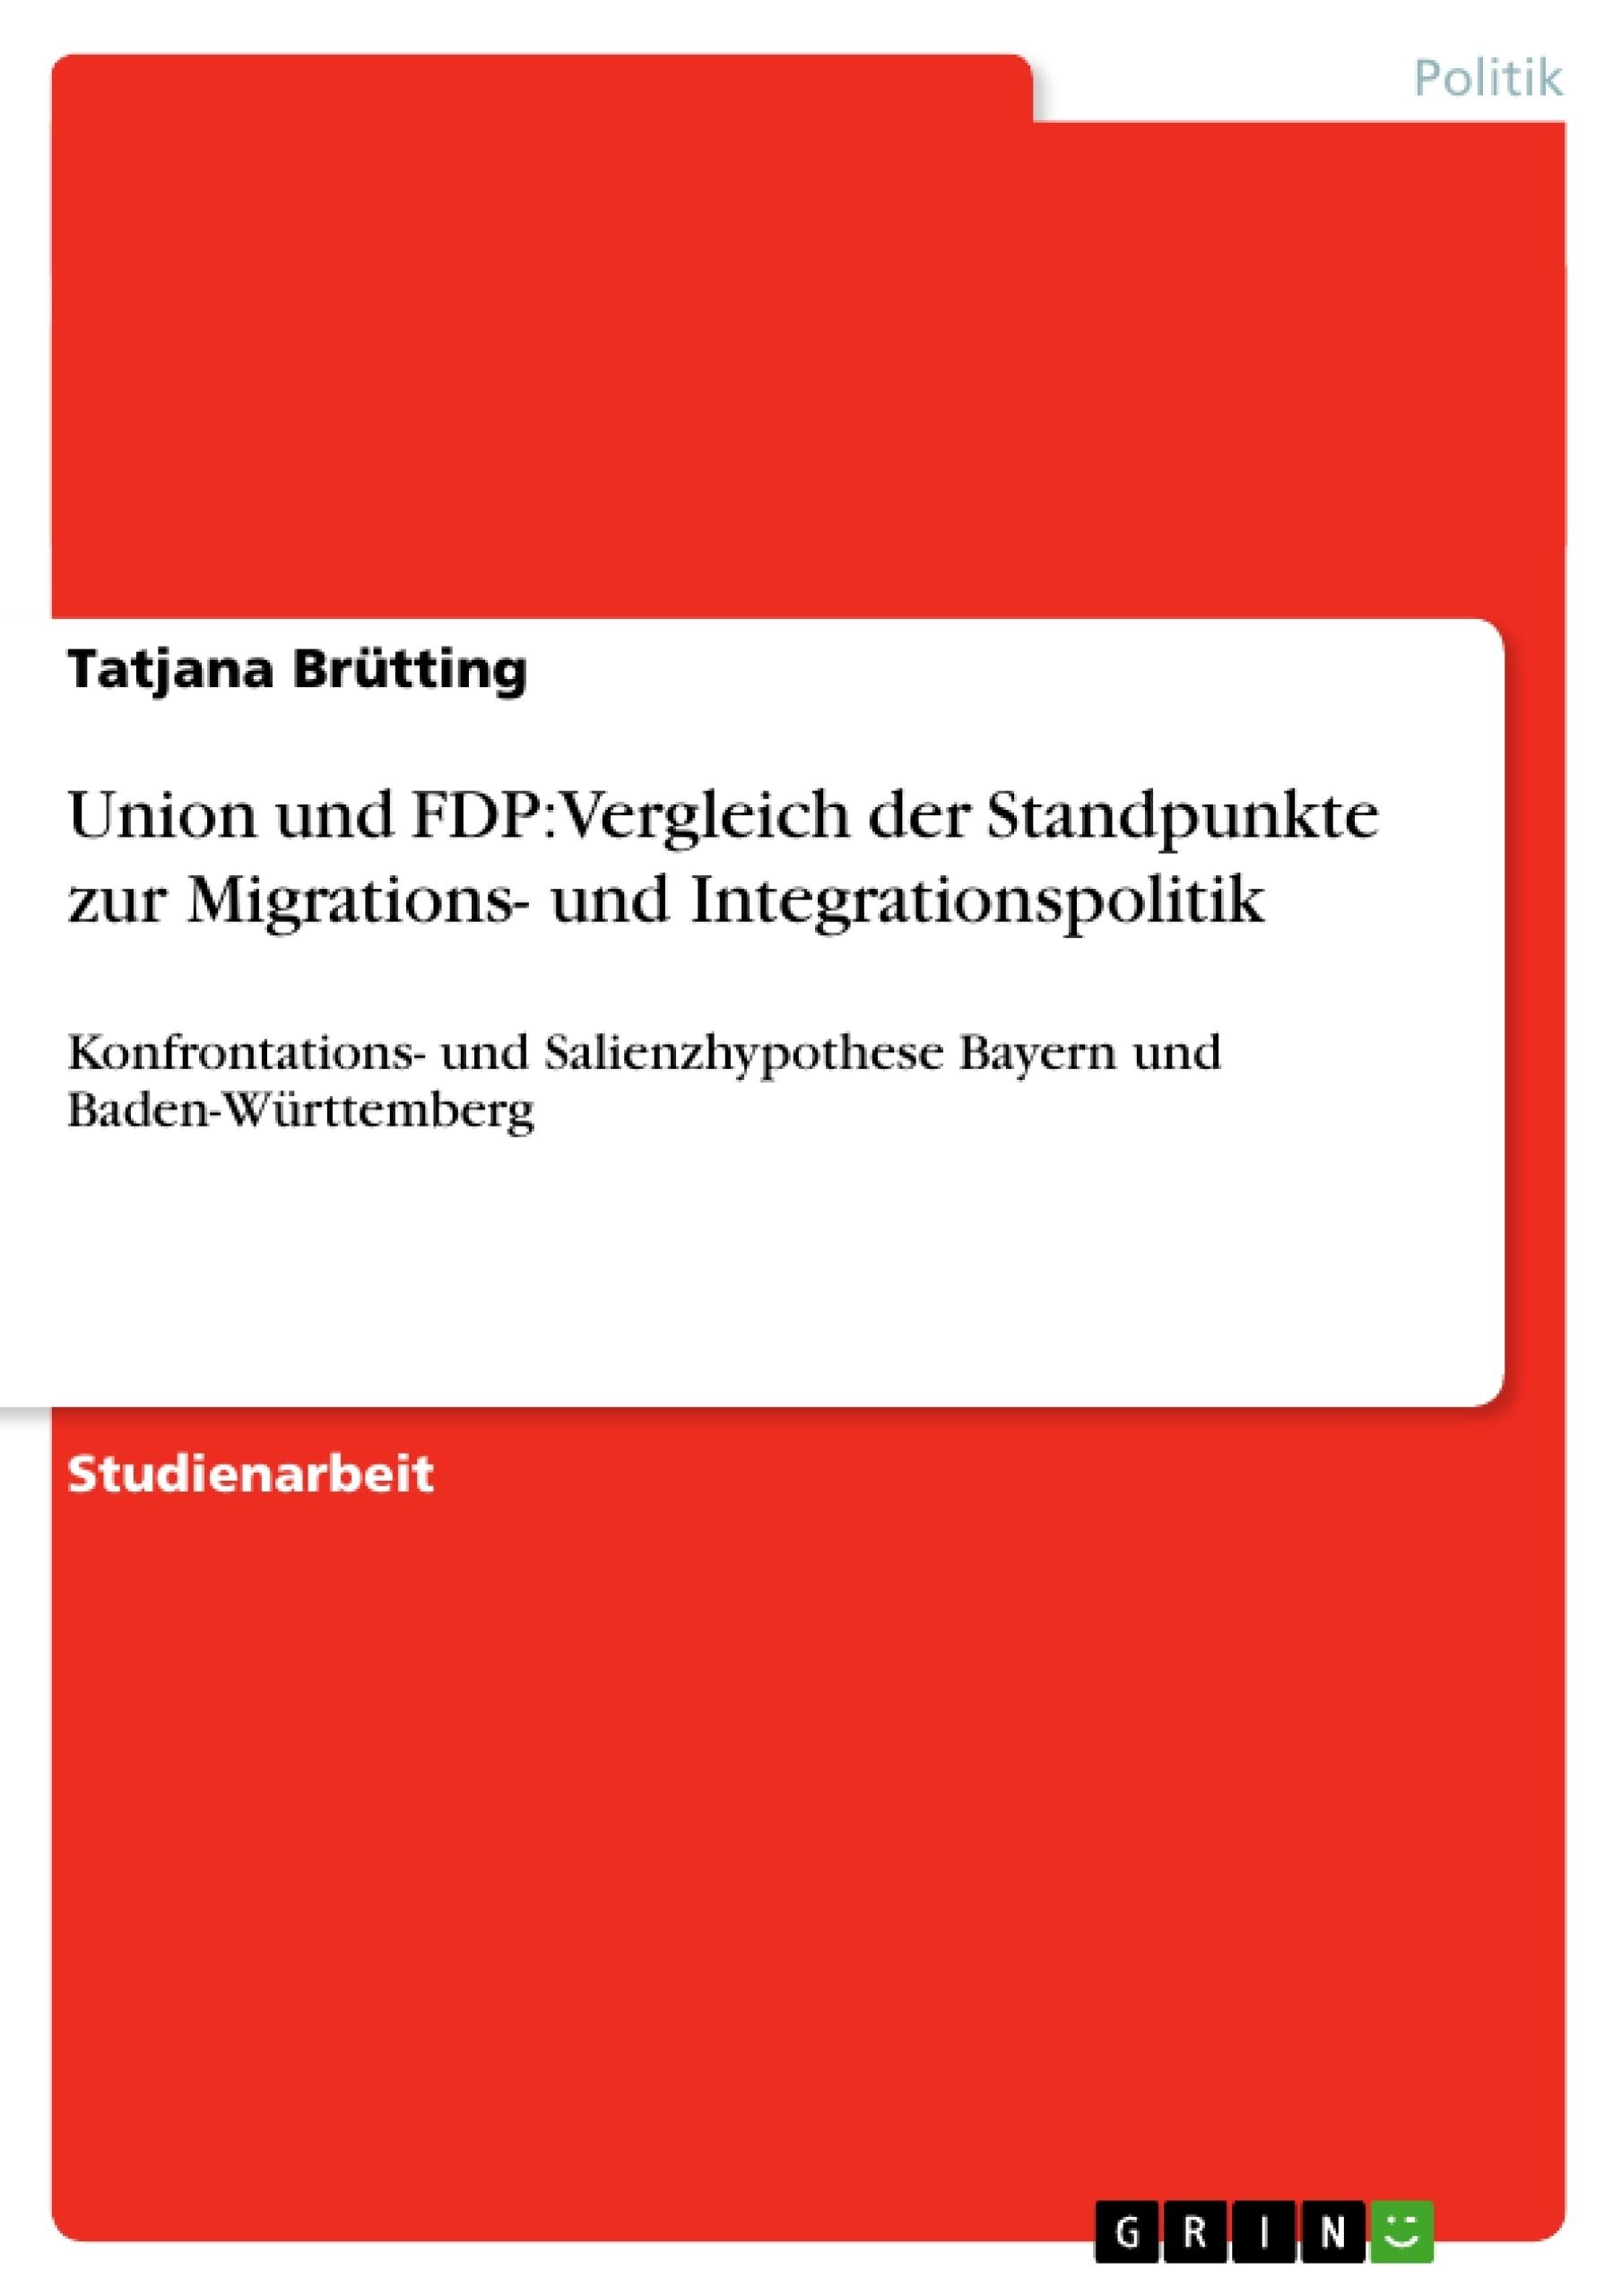 Titel: Union und FDP: Vergleich der Standpunkte zur Migrations- und Integrationspolitik